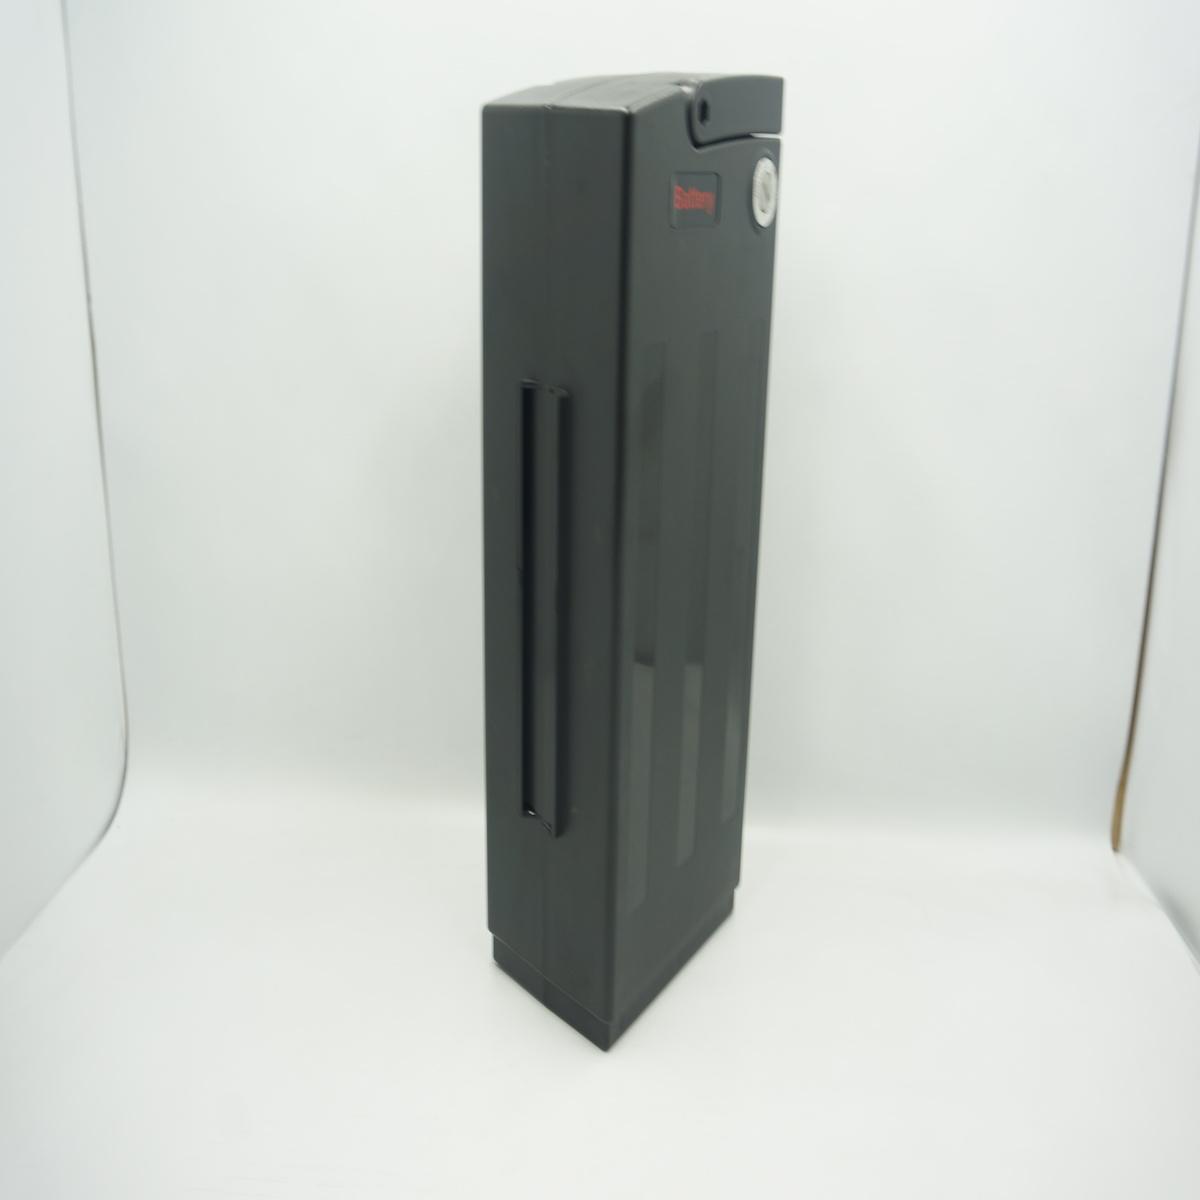 Caixa de Bateria URBANA (S/ Componentes)